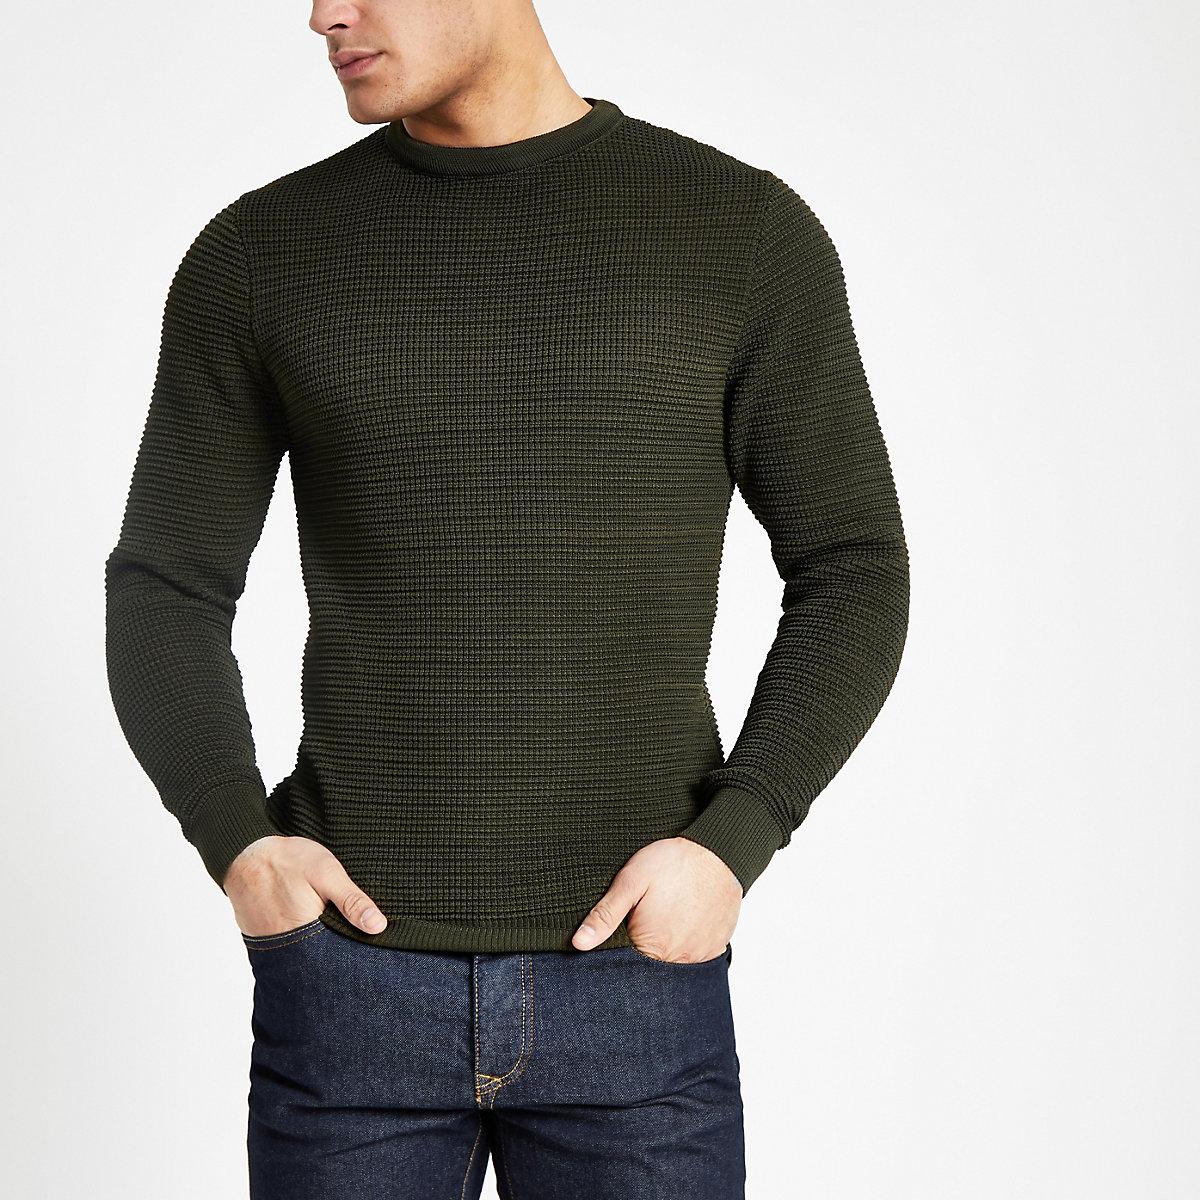 Khaki textured slim fit sweater